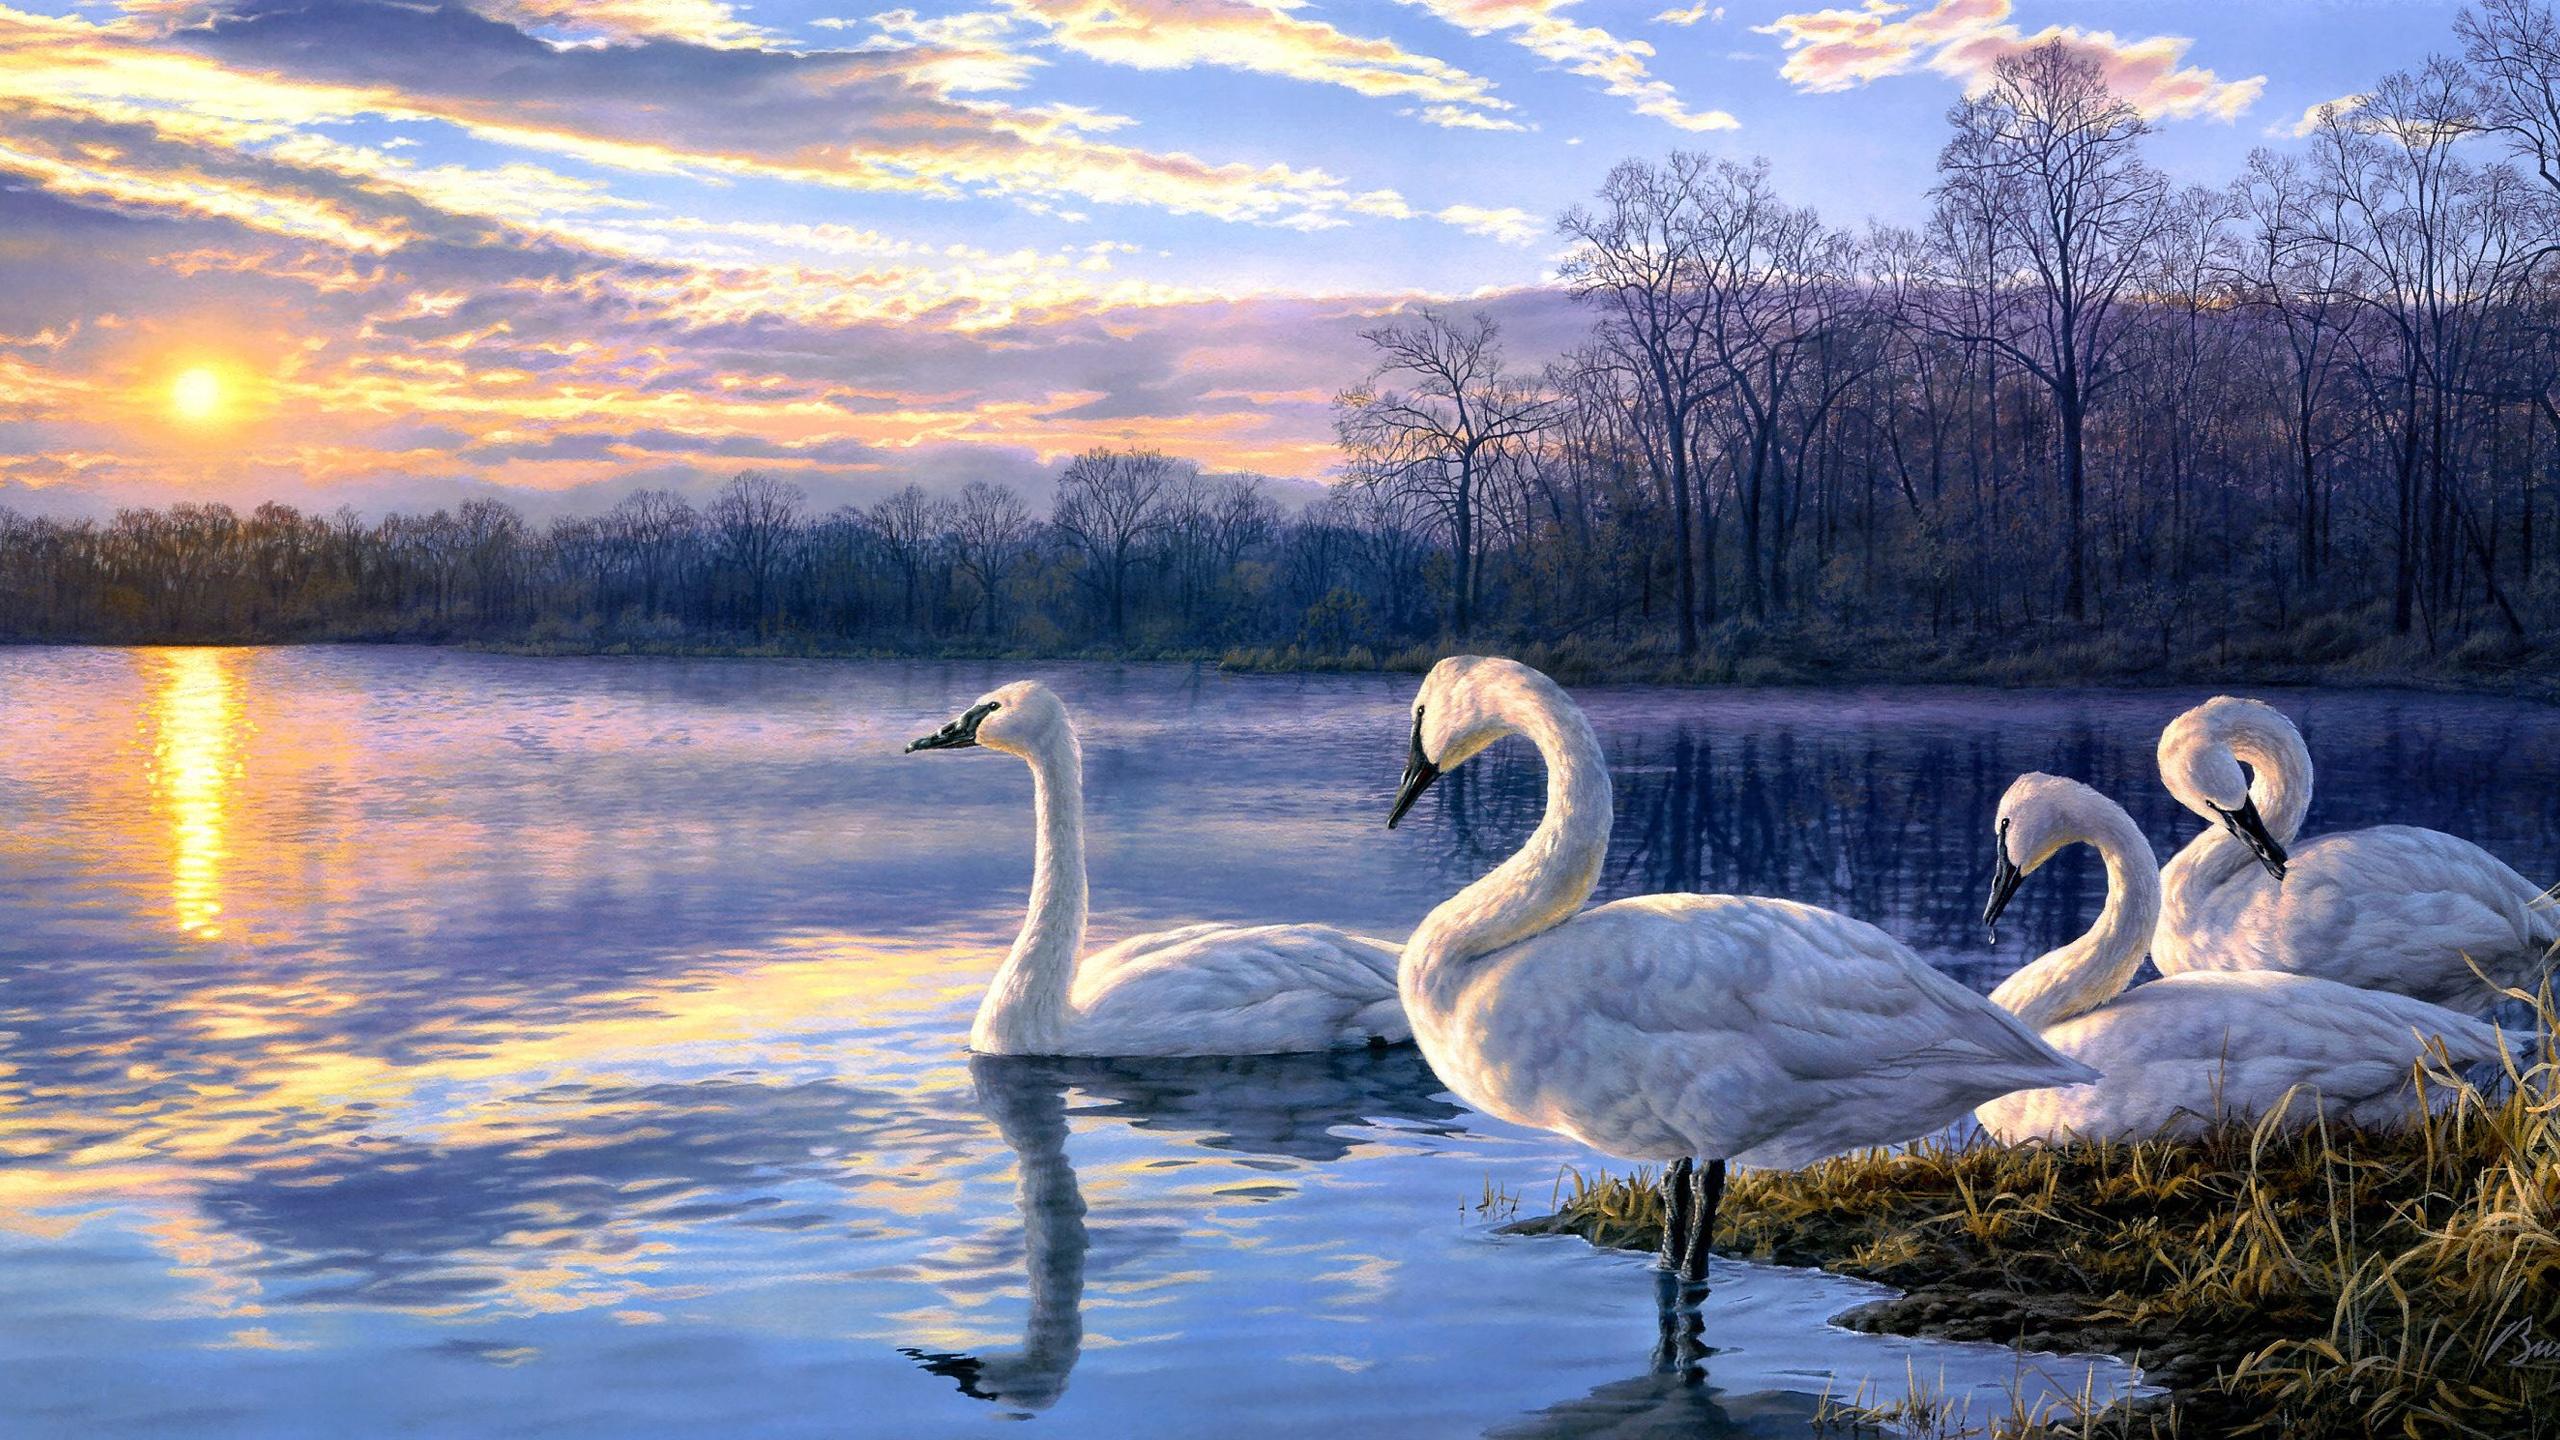 природа река деревья облака лебедь животные бесплатно